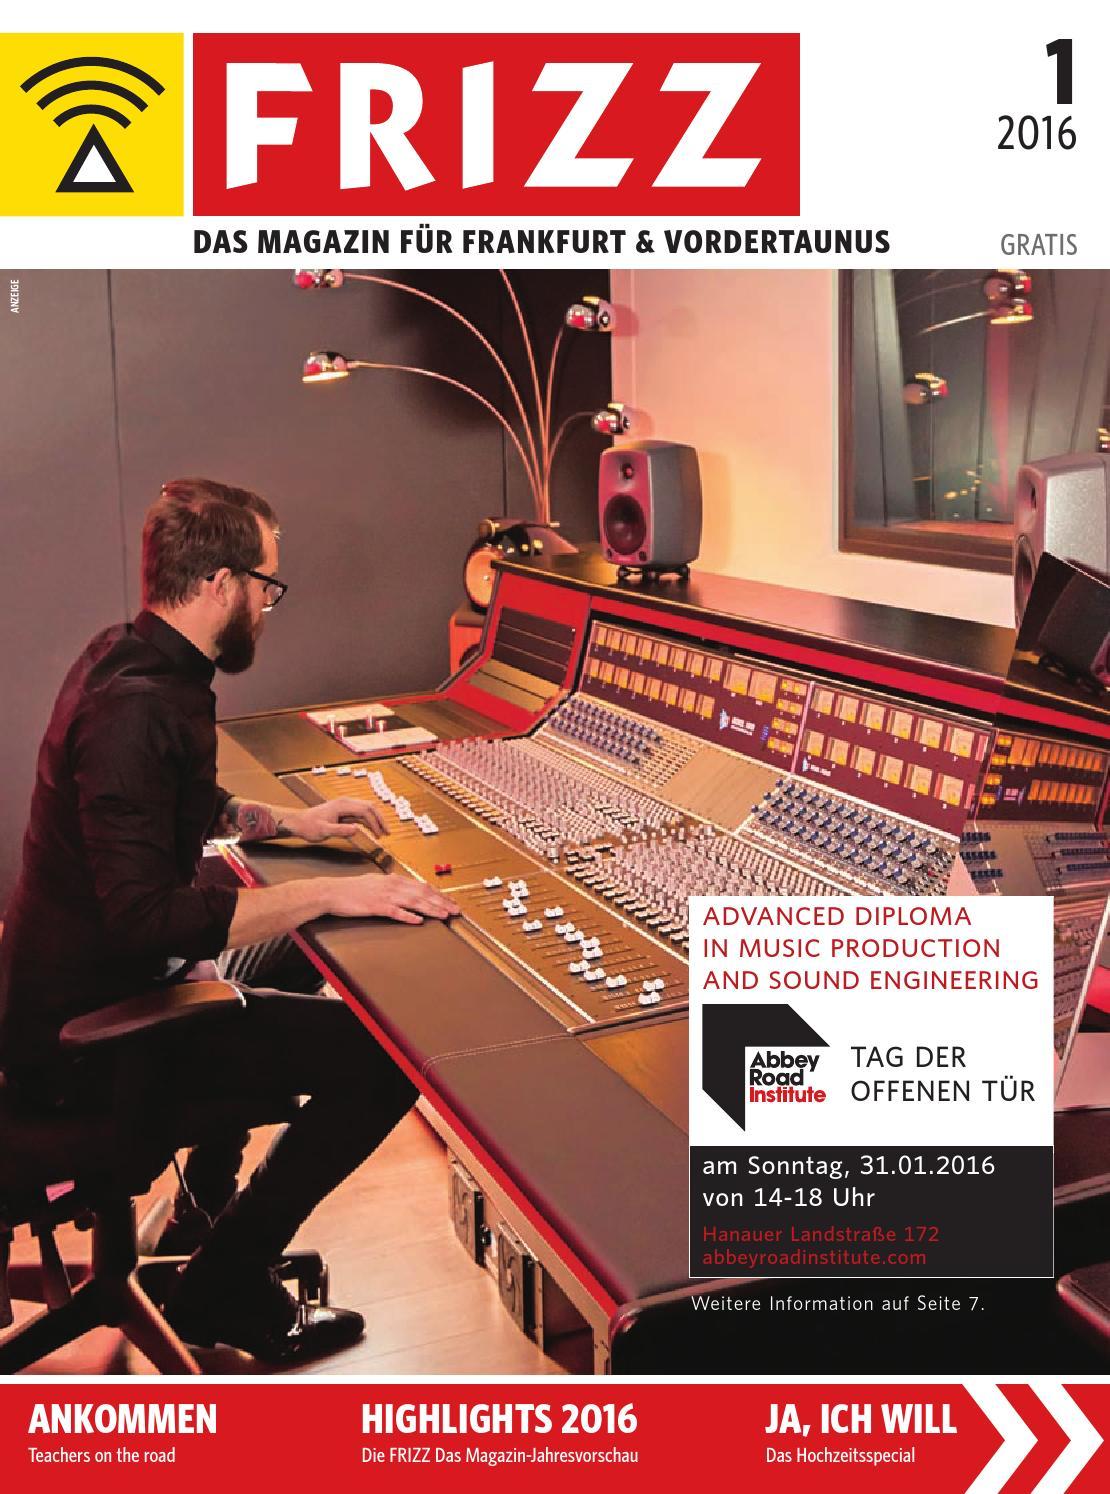 Frizz das magazin frankfurt januar 2014 by frizz frankfurt   issuu